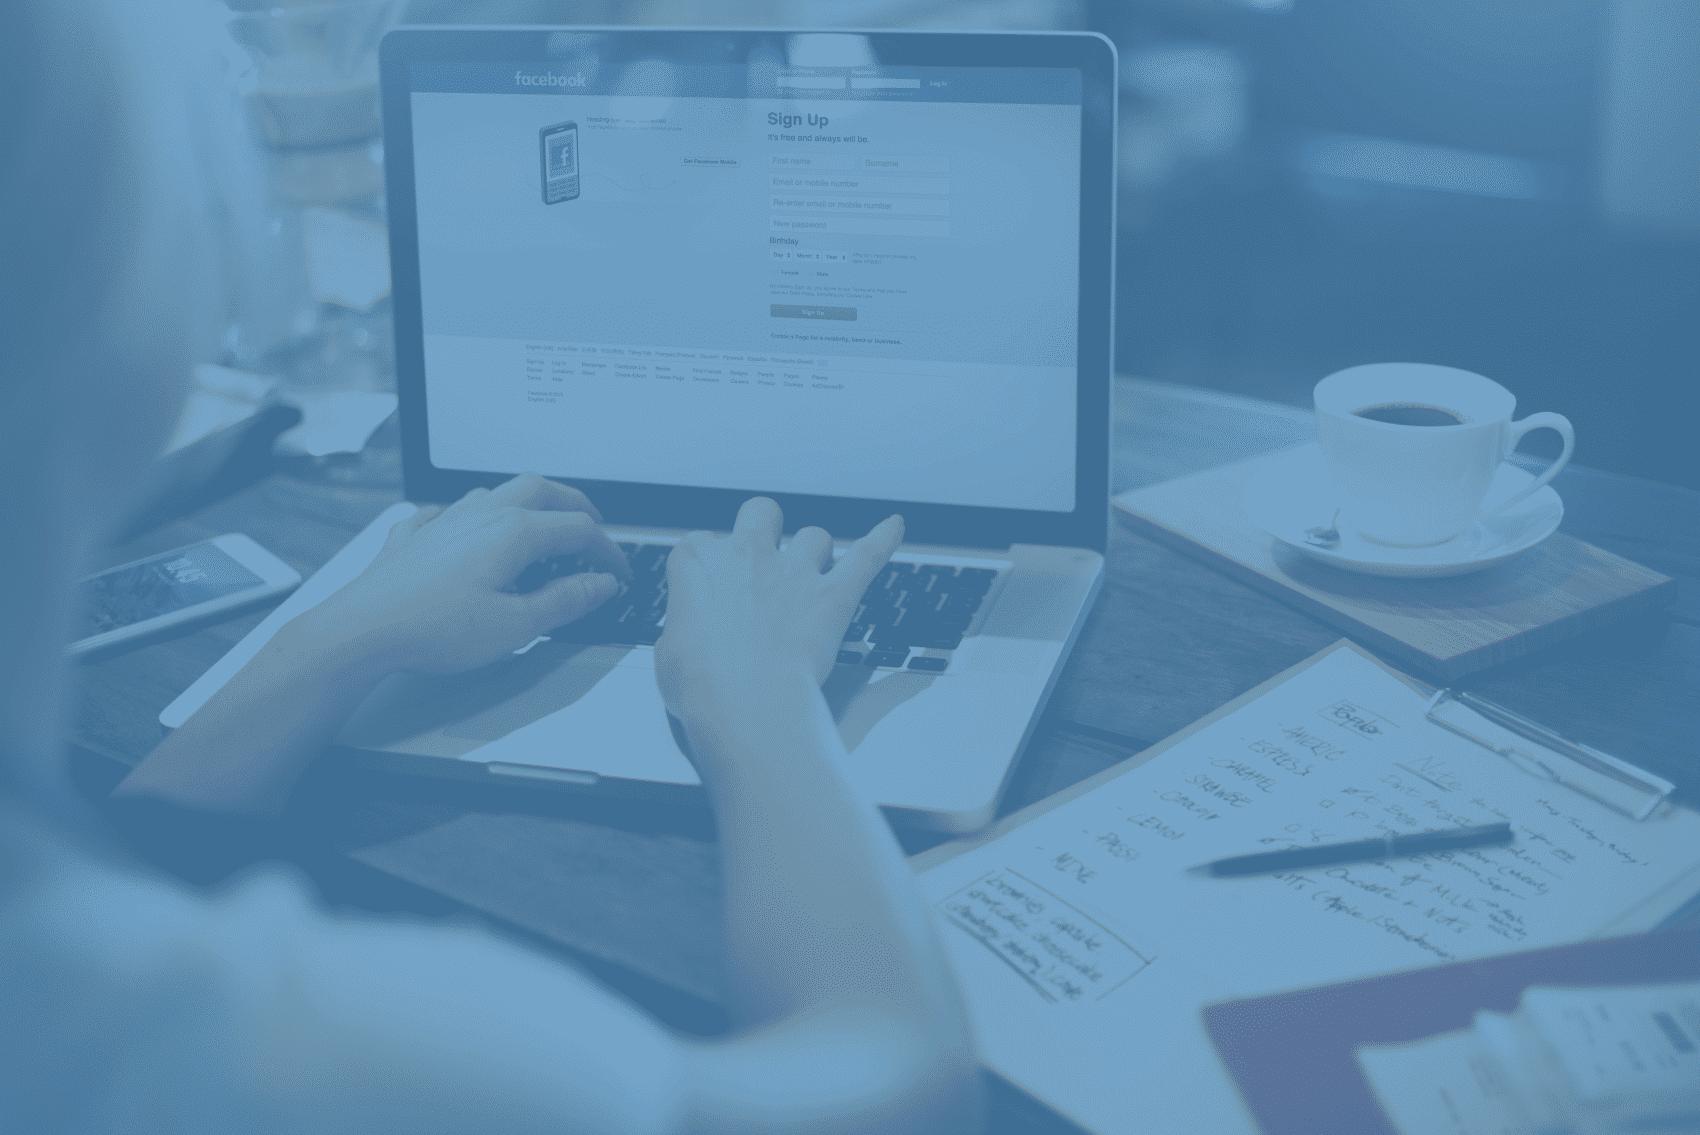 4 étapes à suivre pour générer des leads B2B avec Facebook